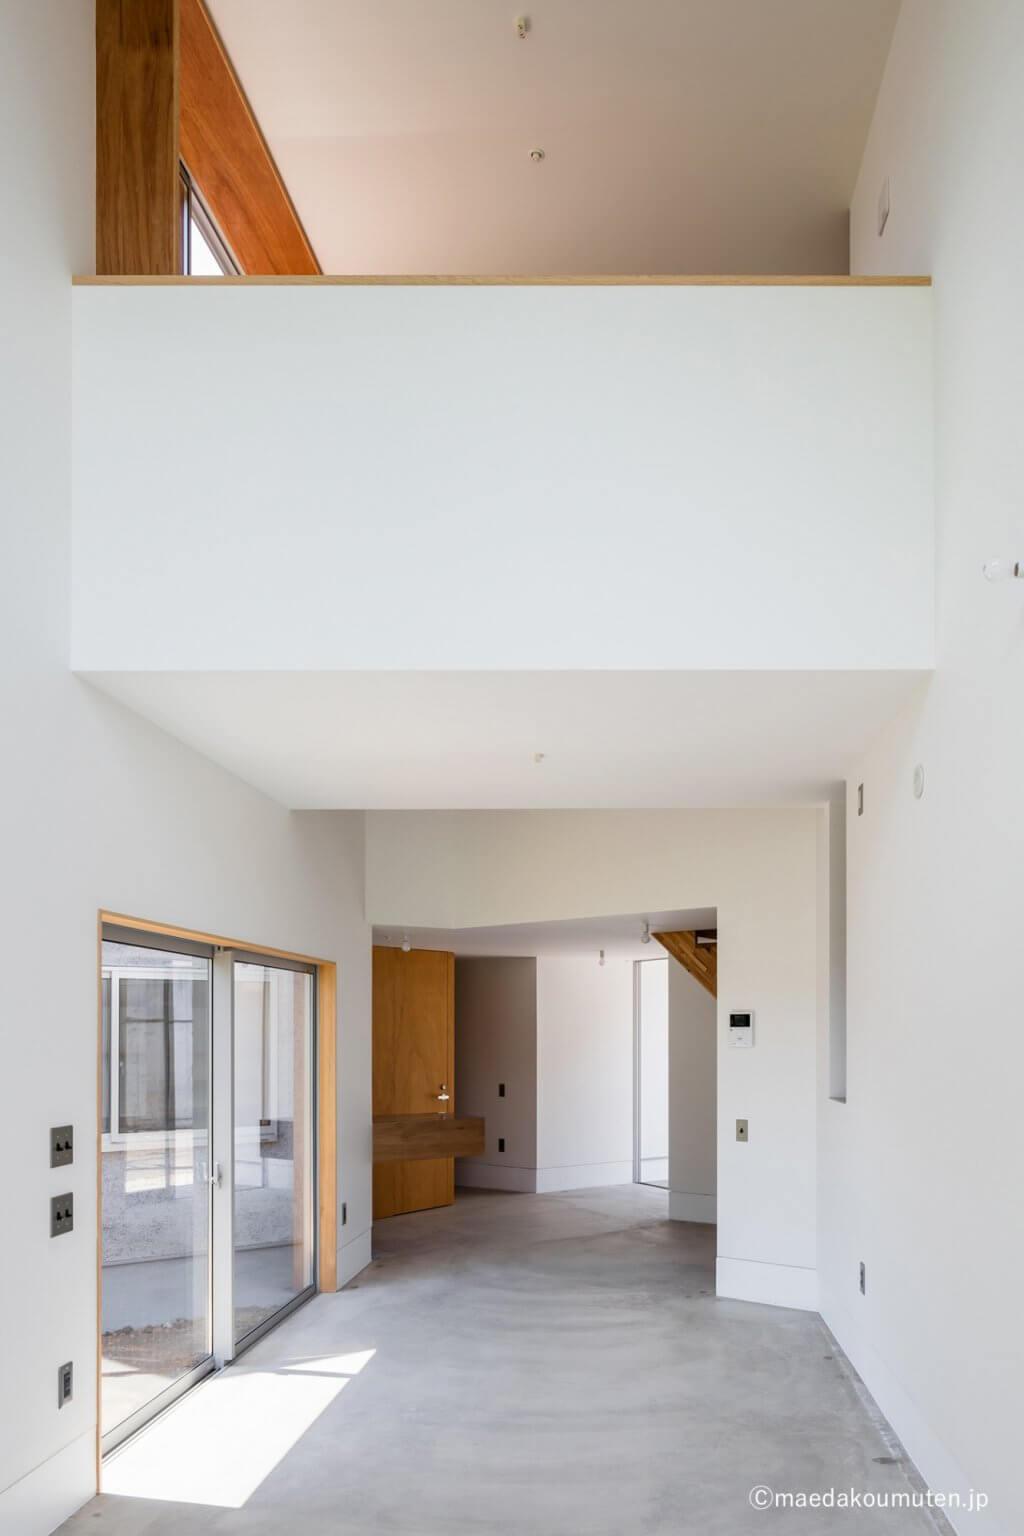 神奈川県、工務店、注文住宅、デザイン住宅、建築家、谷戸の家_14